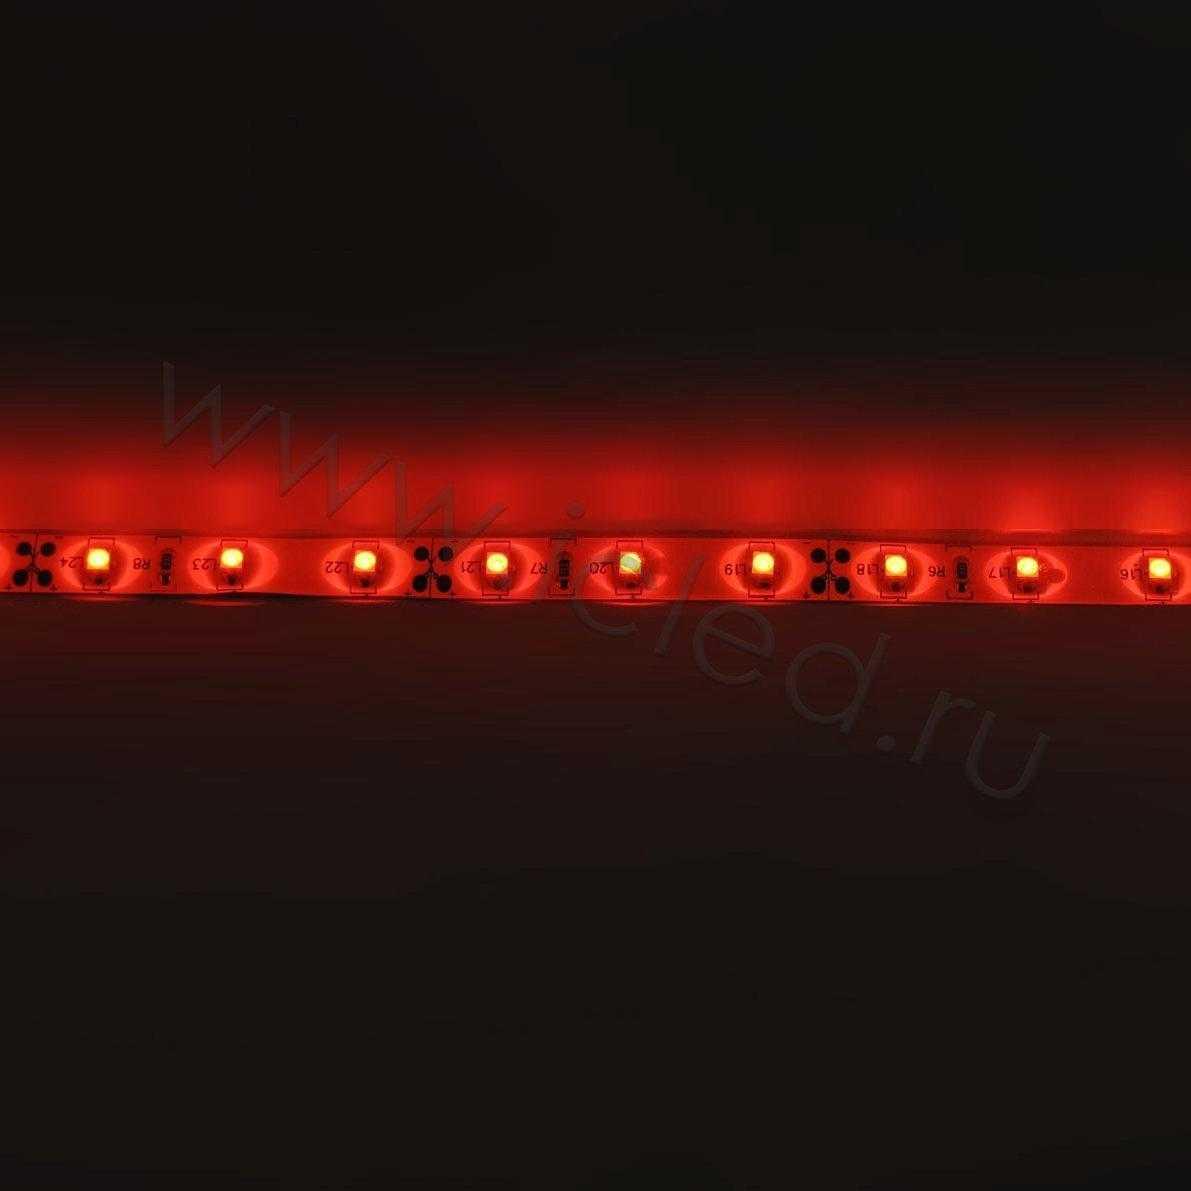 Светодиодная лента Class B, 3528, 60 led/m, Red, 12V, IP65